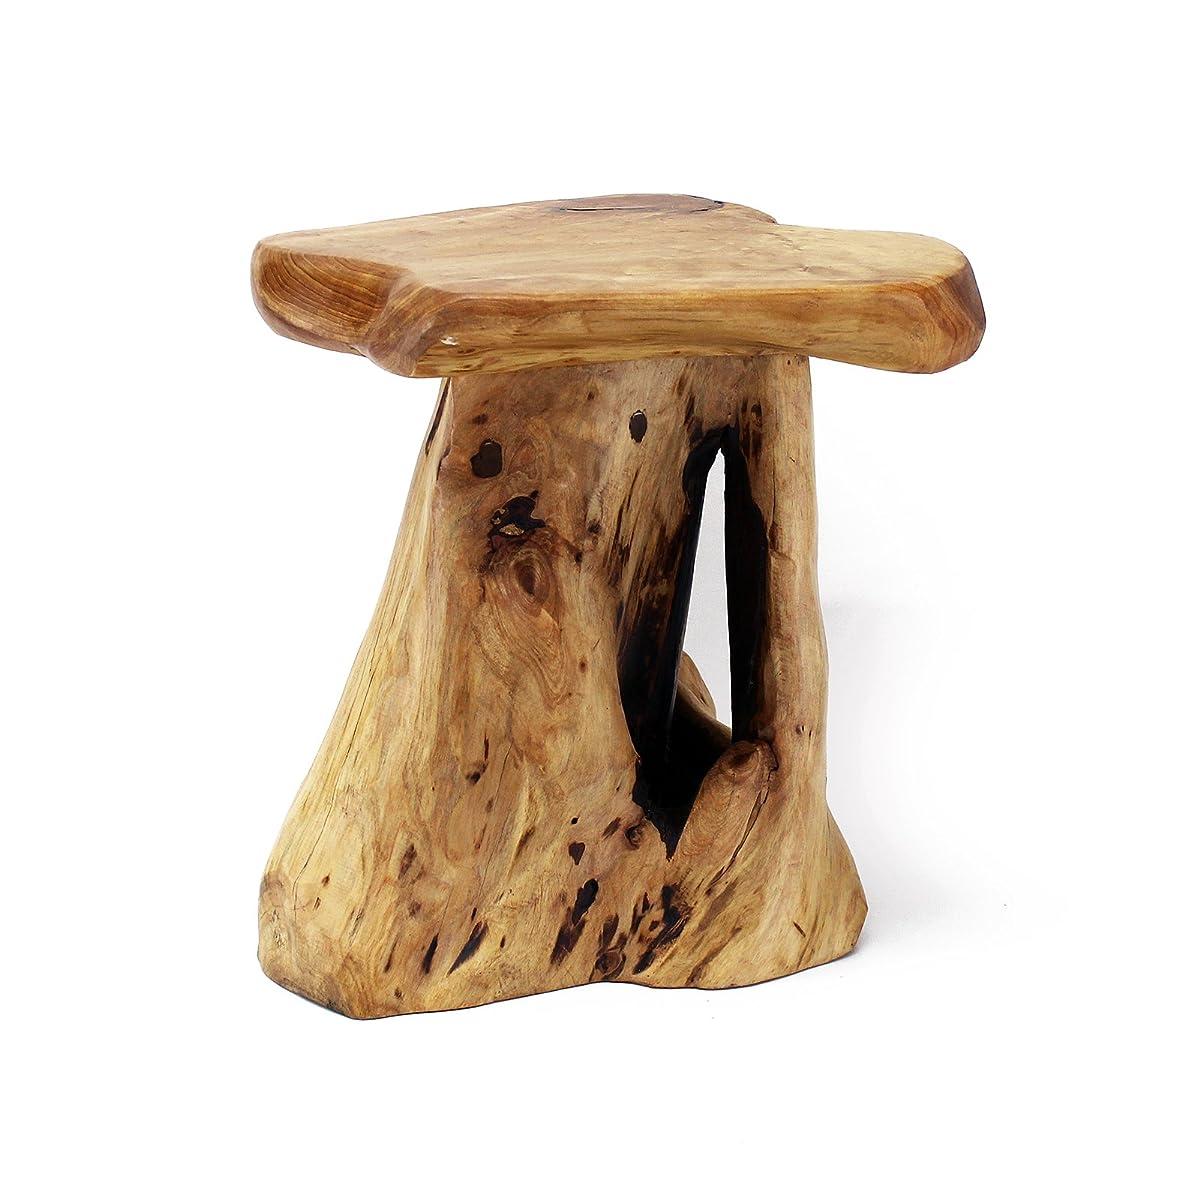 WELLAND Mushroom Seat Stool, Cedar Wood Flower Root/Stand